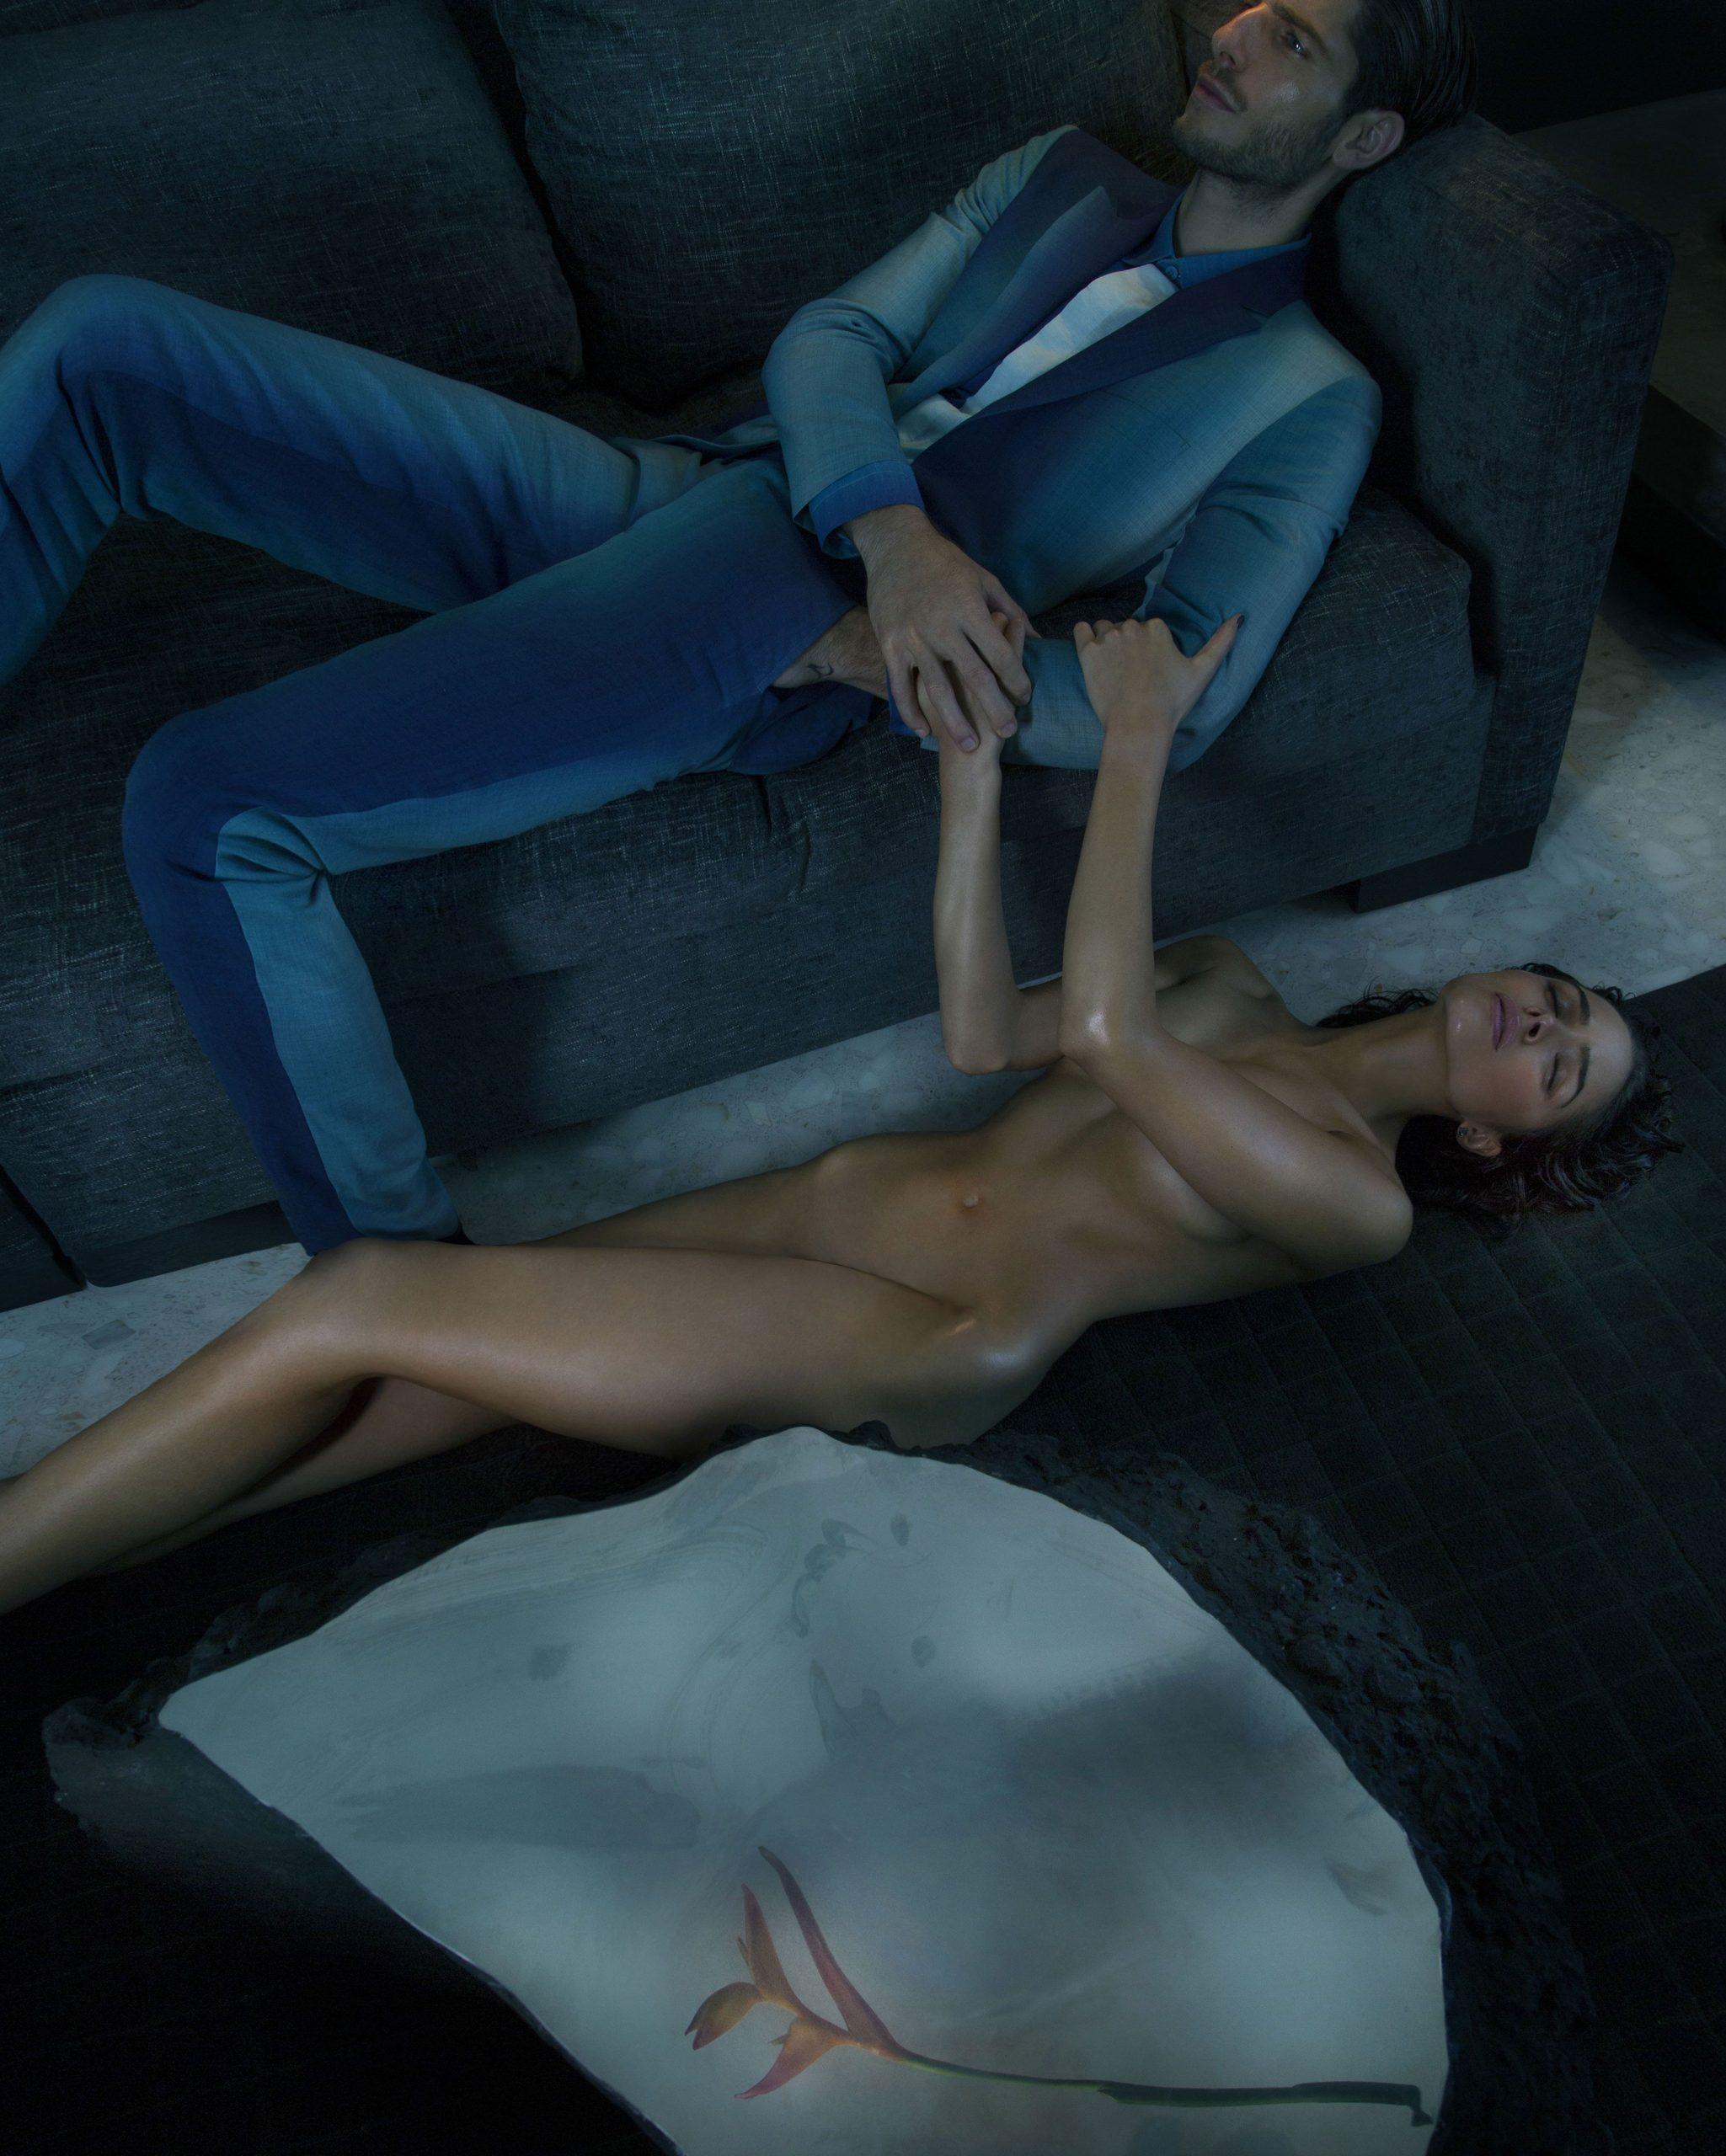 Olivia Culpo naked photos